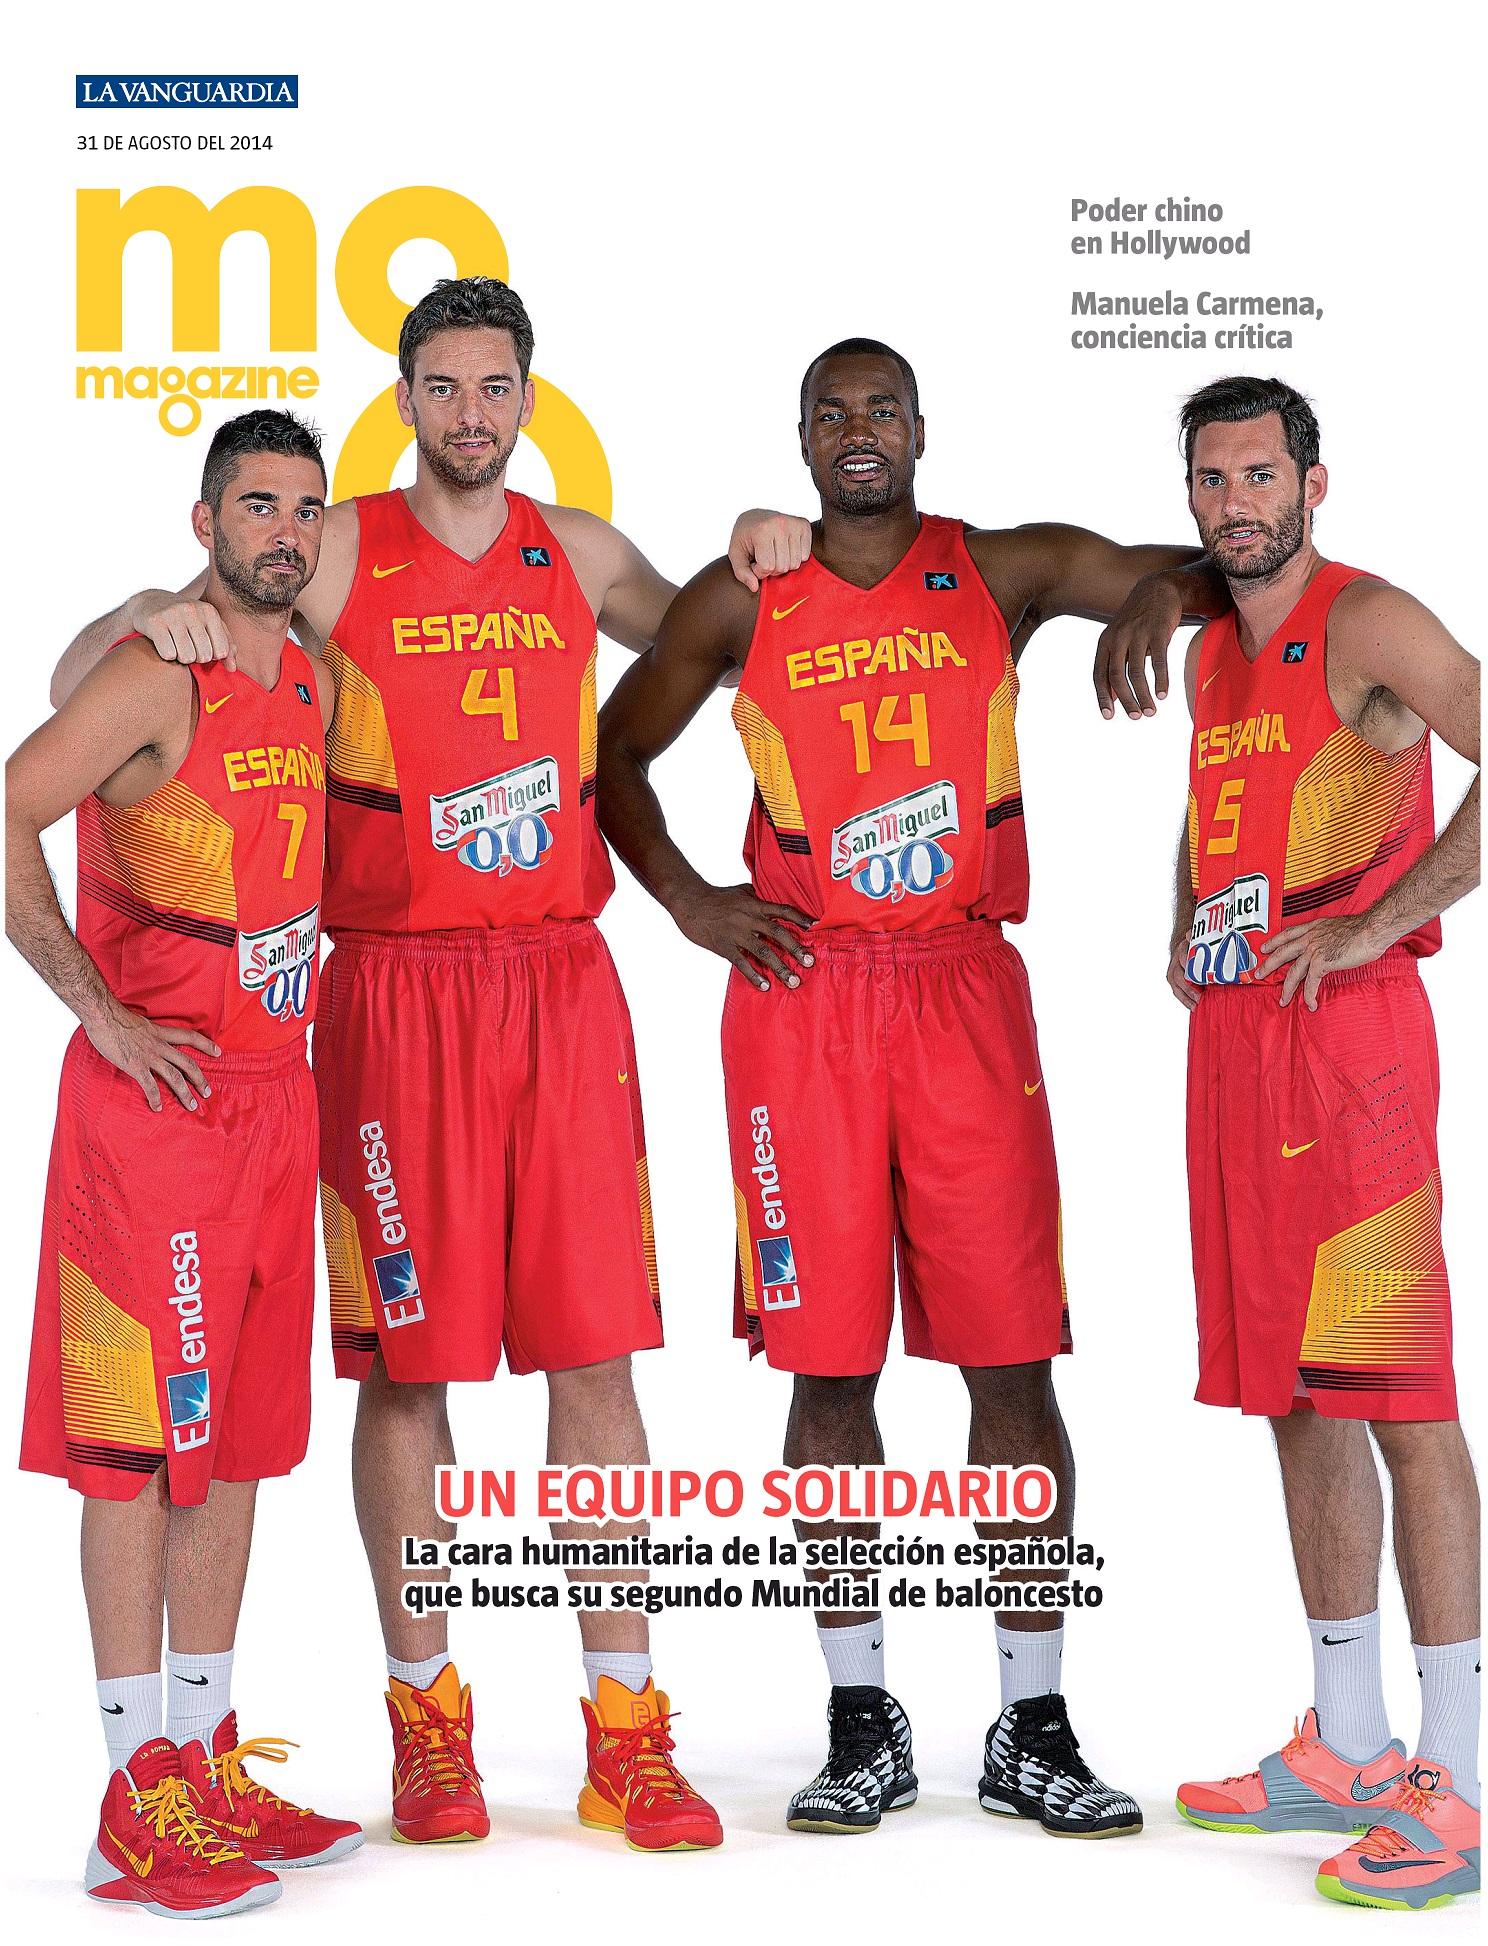 MEGAZINE portada 31 de Agosto 2014